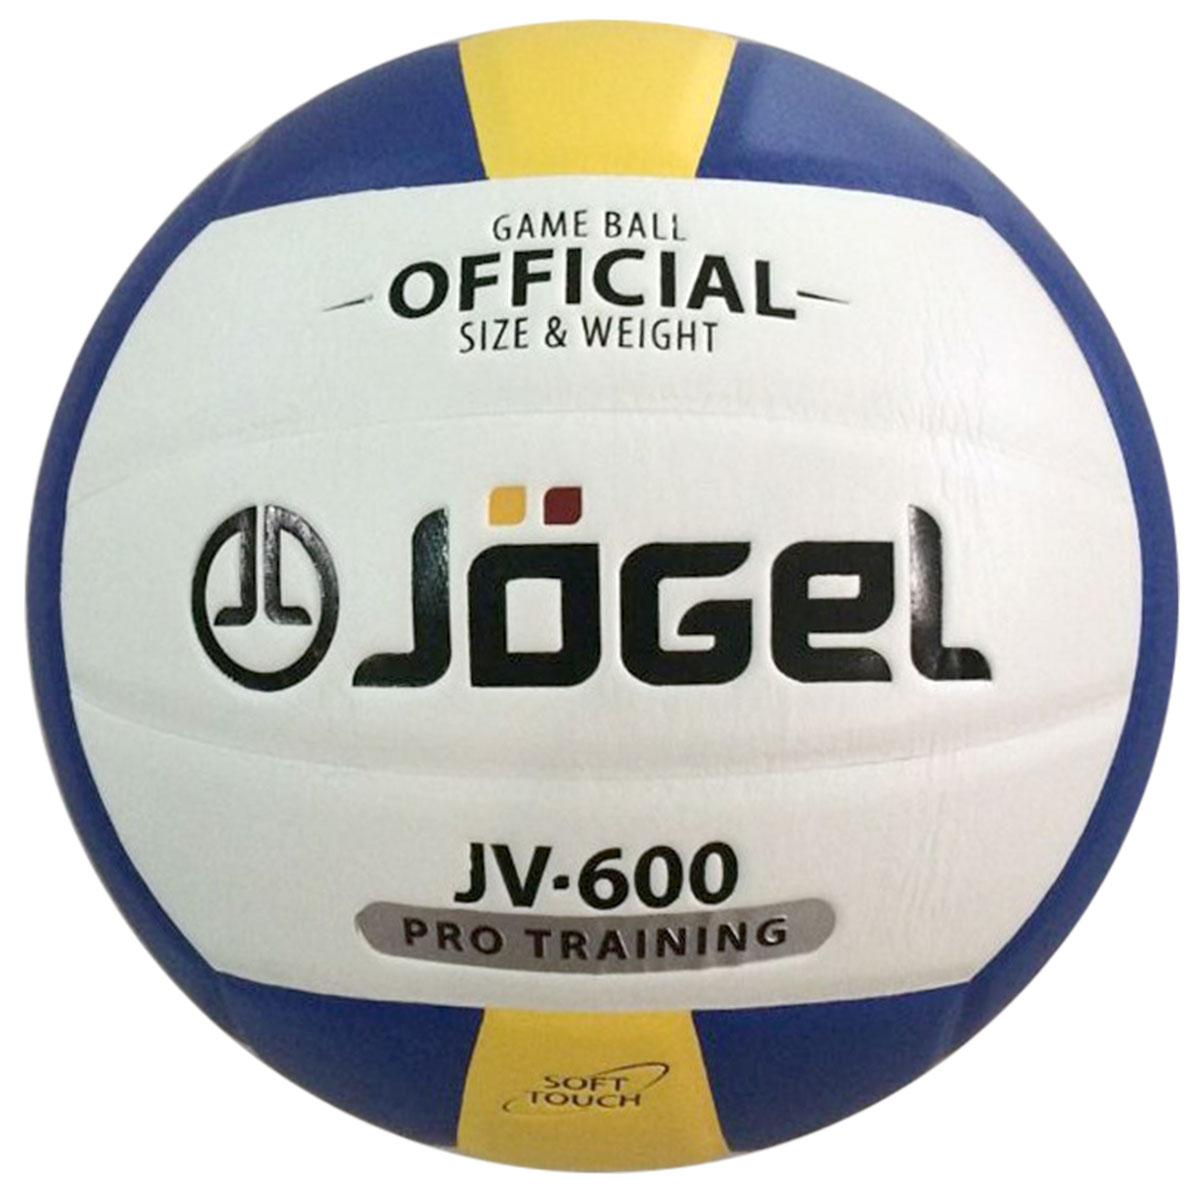 Мяч волейбольный Jogel, цвет: синий, желтый. Размер 5. JV-600УТ-00009344Название: Мяч волейбольный Jgel JV-600 Уровень: Тренировочно-игровой мяч Серия: PRO TRAINING Описание: Jogel JV-600 клееный волейбольный мяч из серии PRO TRAINING. Данная модель предназначена для профессиональных тренировок, благодаря чему обладает всеми необходимыми характеристиками для интенсивных занятий. Поверхность мяча выполнена из мягкой высококачественной синтетической кожи (полиуретан), с применением технологии Soft Touch, имитирующей по ощущениям натуральную кожу и обеспечивающей правильный отскок. Мяч состоит из 18-ти панелей, оснащен бутиловой камерой и армирован подкладочным слоем из ткани. Рекомендован для тренировок команд среднего и высокого уровня, а также соревнований любительских и средних команд. Данный мяч прекрасно подходит для поставок на гос. тендеры, образовательные учреждения и спортивные секции. Официальный размер и вес FIBV. Рекомендованные покрытия: Паркет, песок Материал покрышки: Синтетическая кожа (полиуретан) Материал камеры: Бутил Тип соединения...